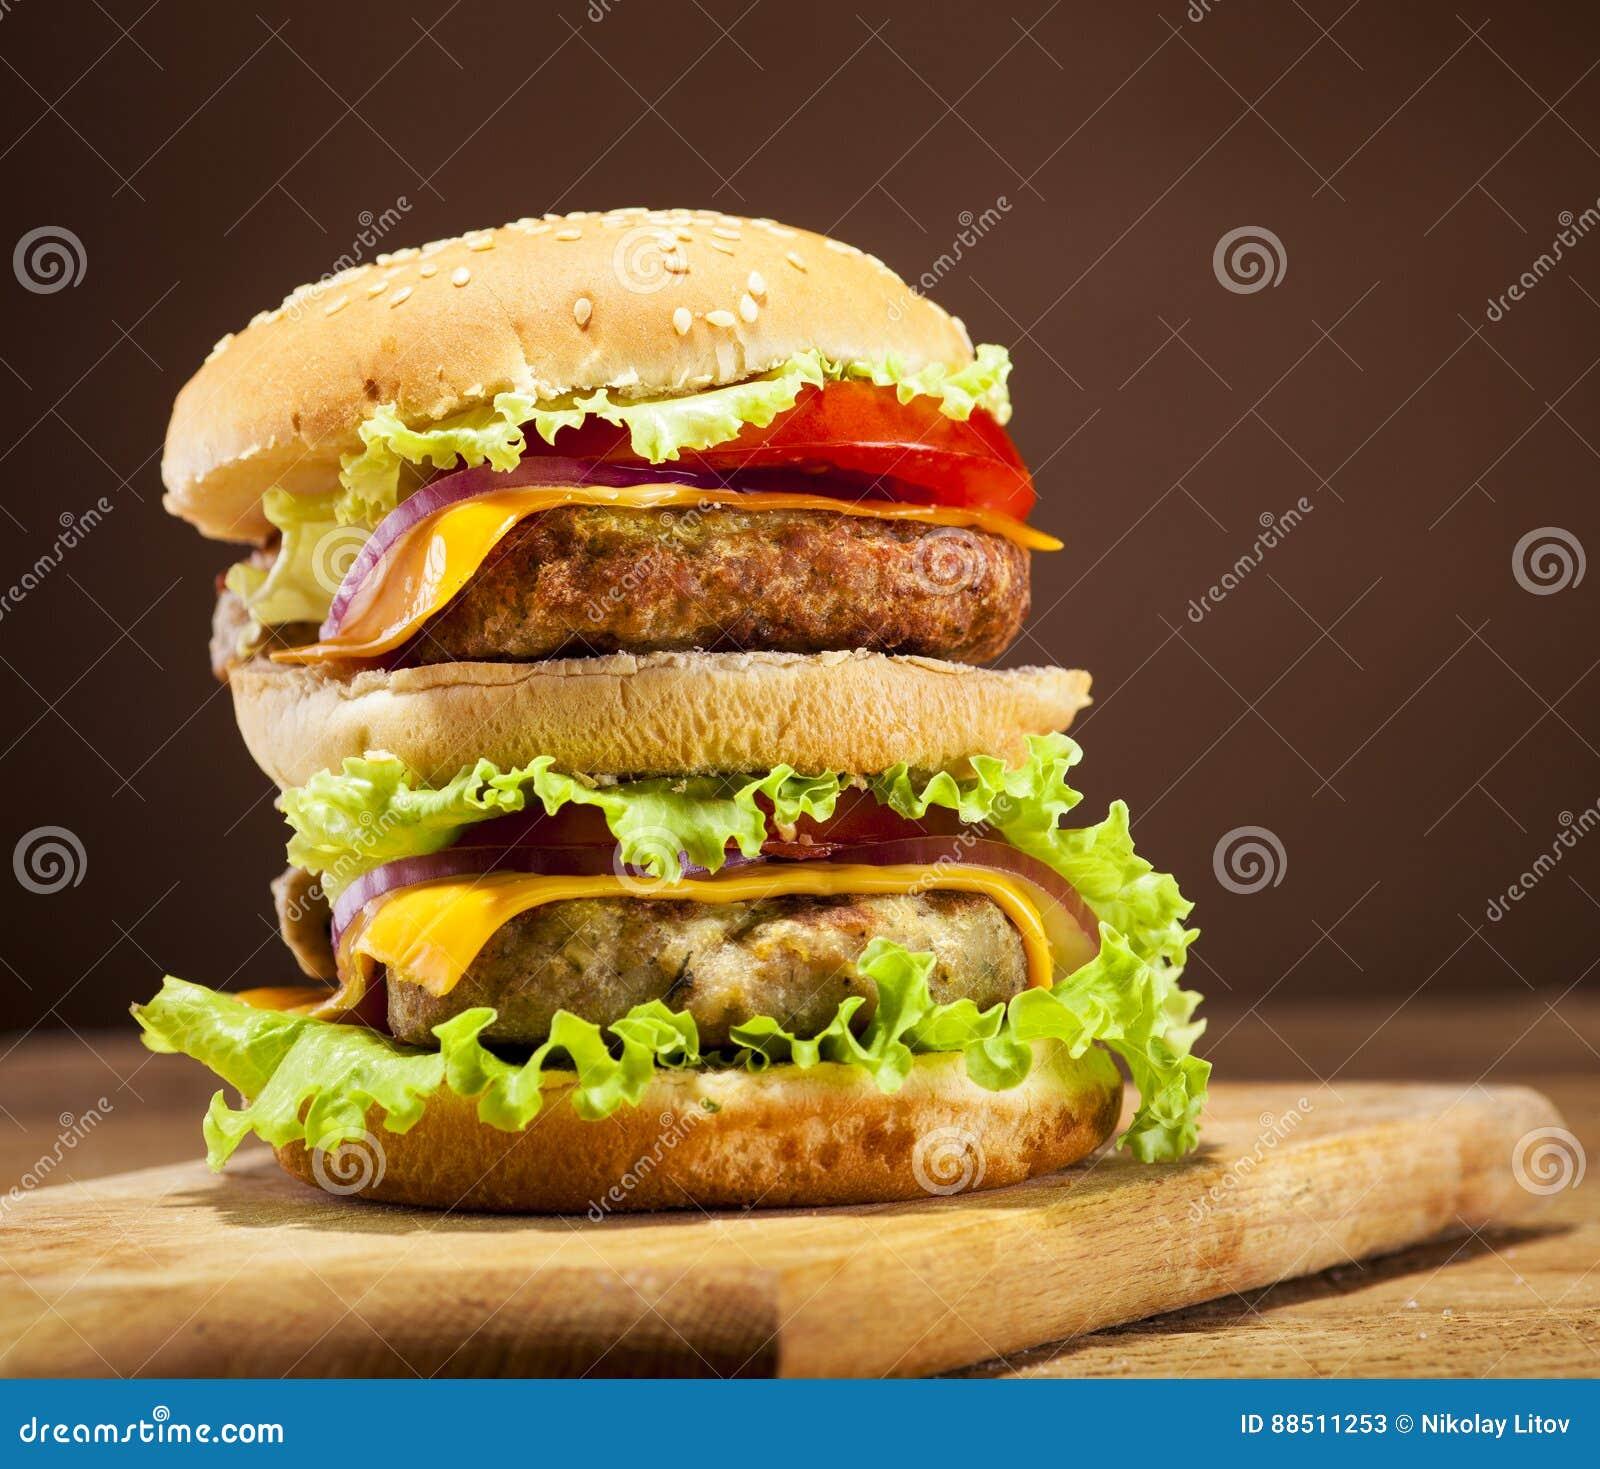 Background image 8851 - Fresh Burger On Wooden Background Stock Photo